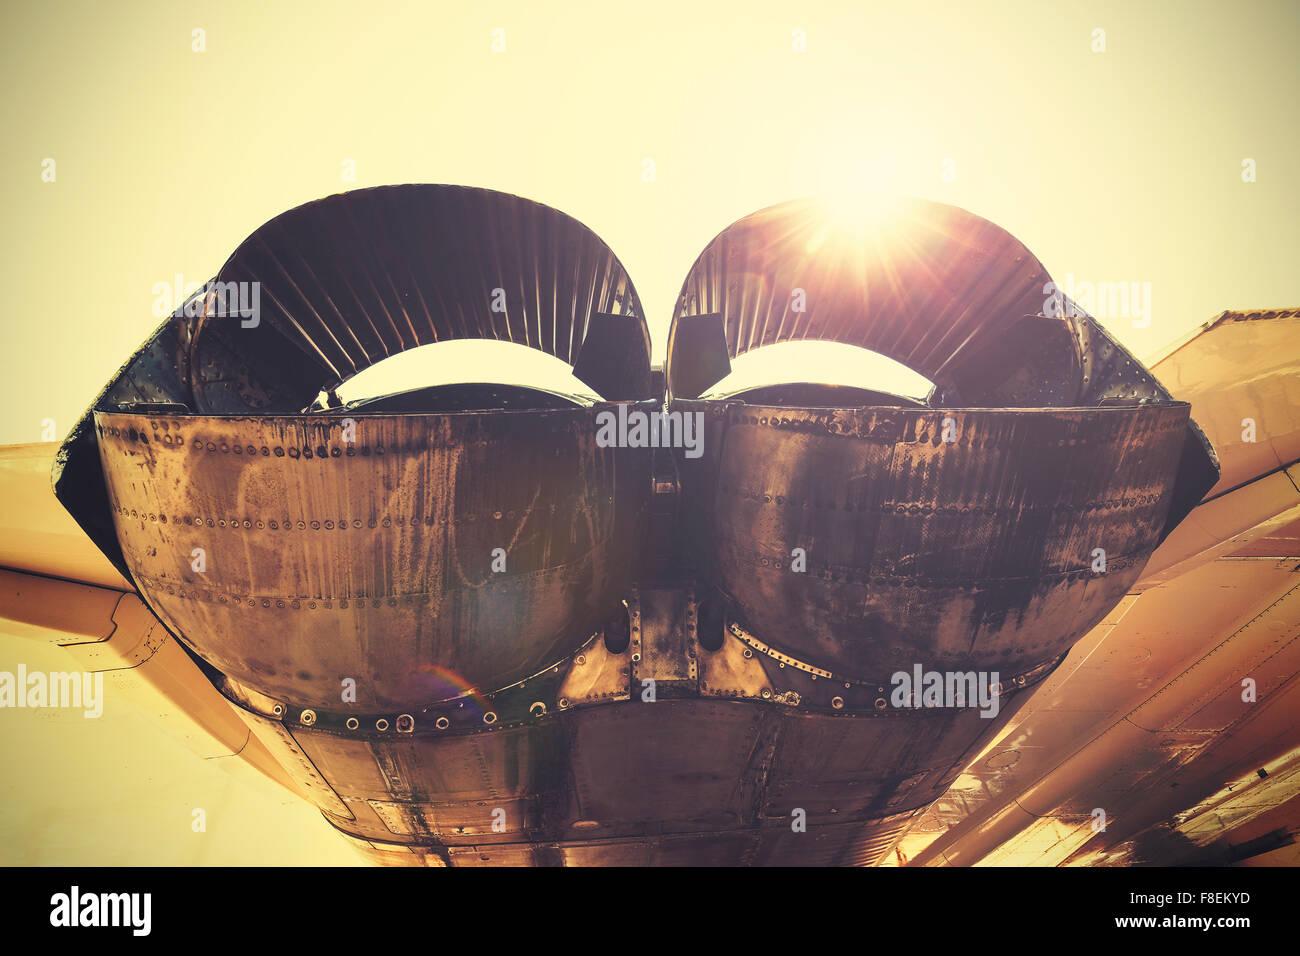 Tonos Retro jet tubos de escape contra el sol. Imagen De Stock